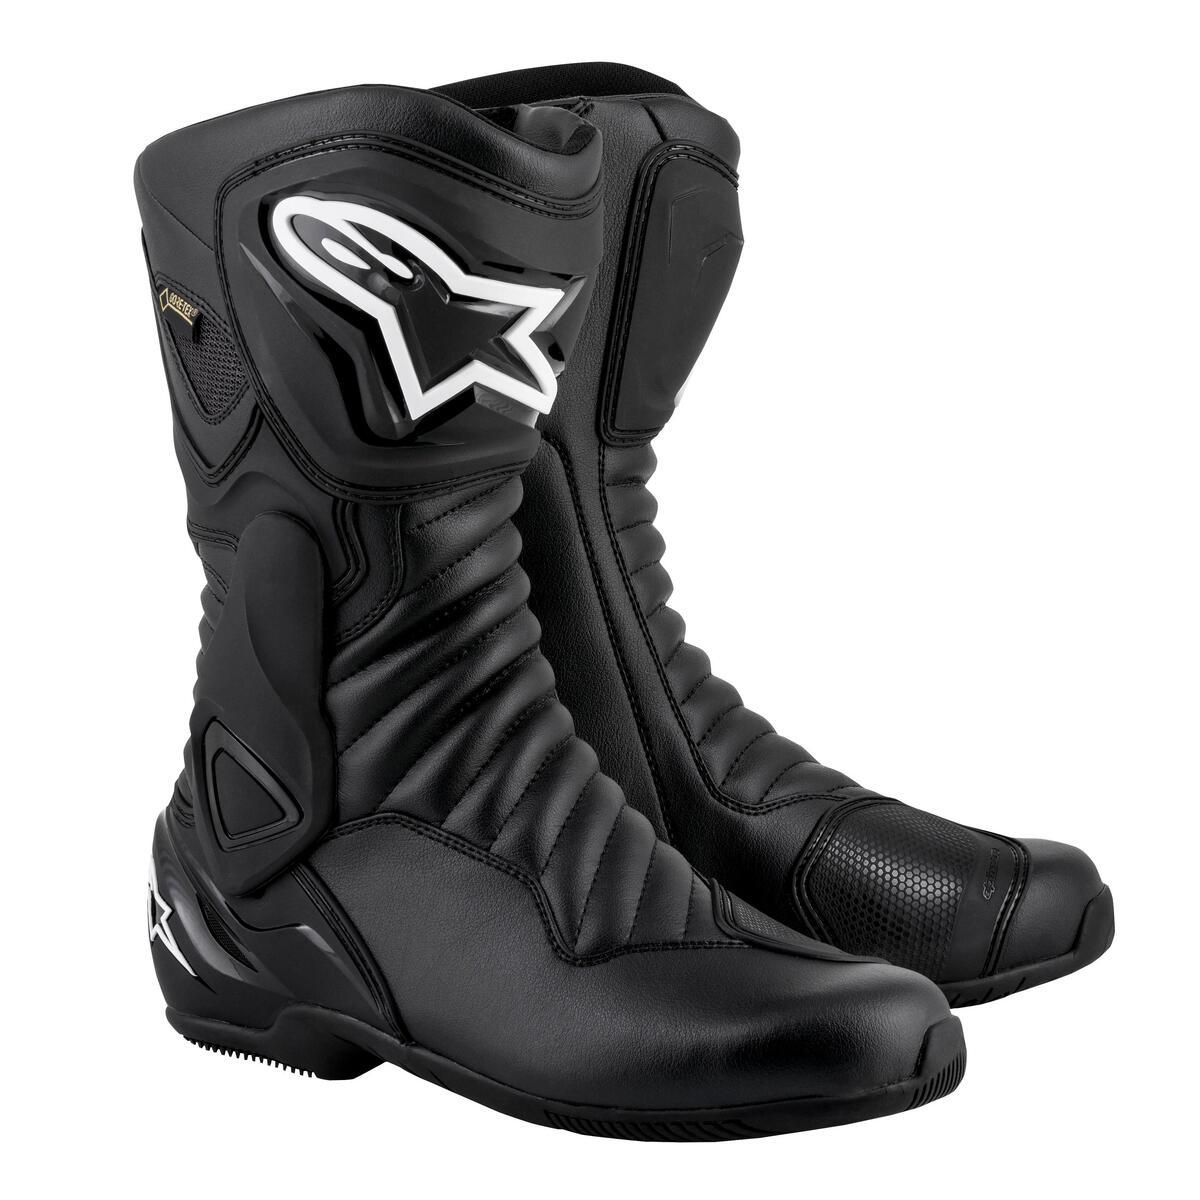 Bild 2 von Alpinestars SMX 6 V2 Goretex Stiefel Motorradstiefel schwarz Herren Größe 43